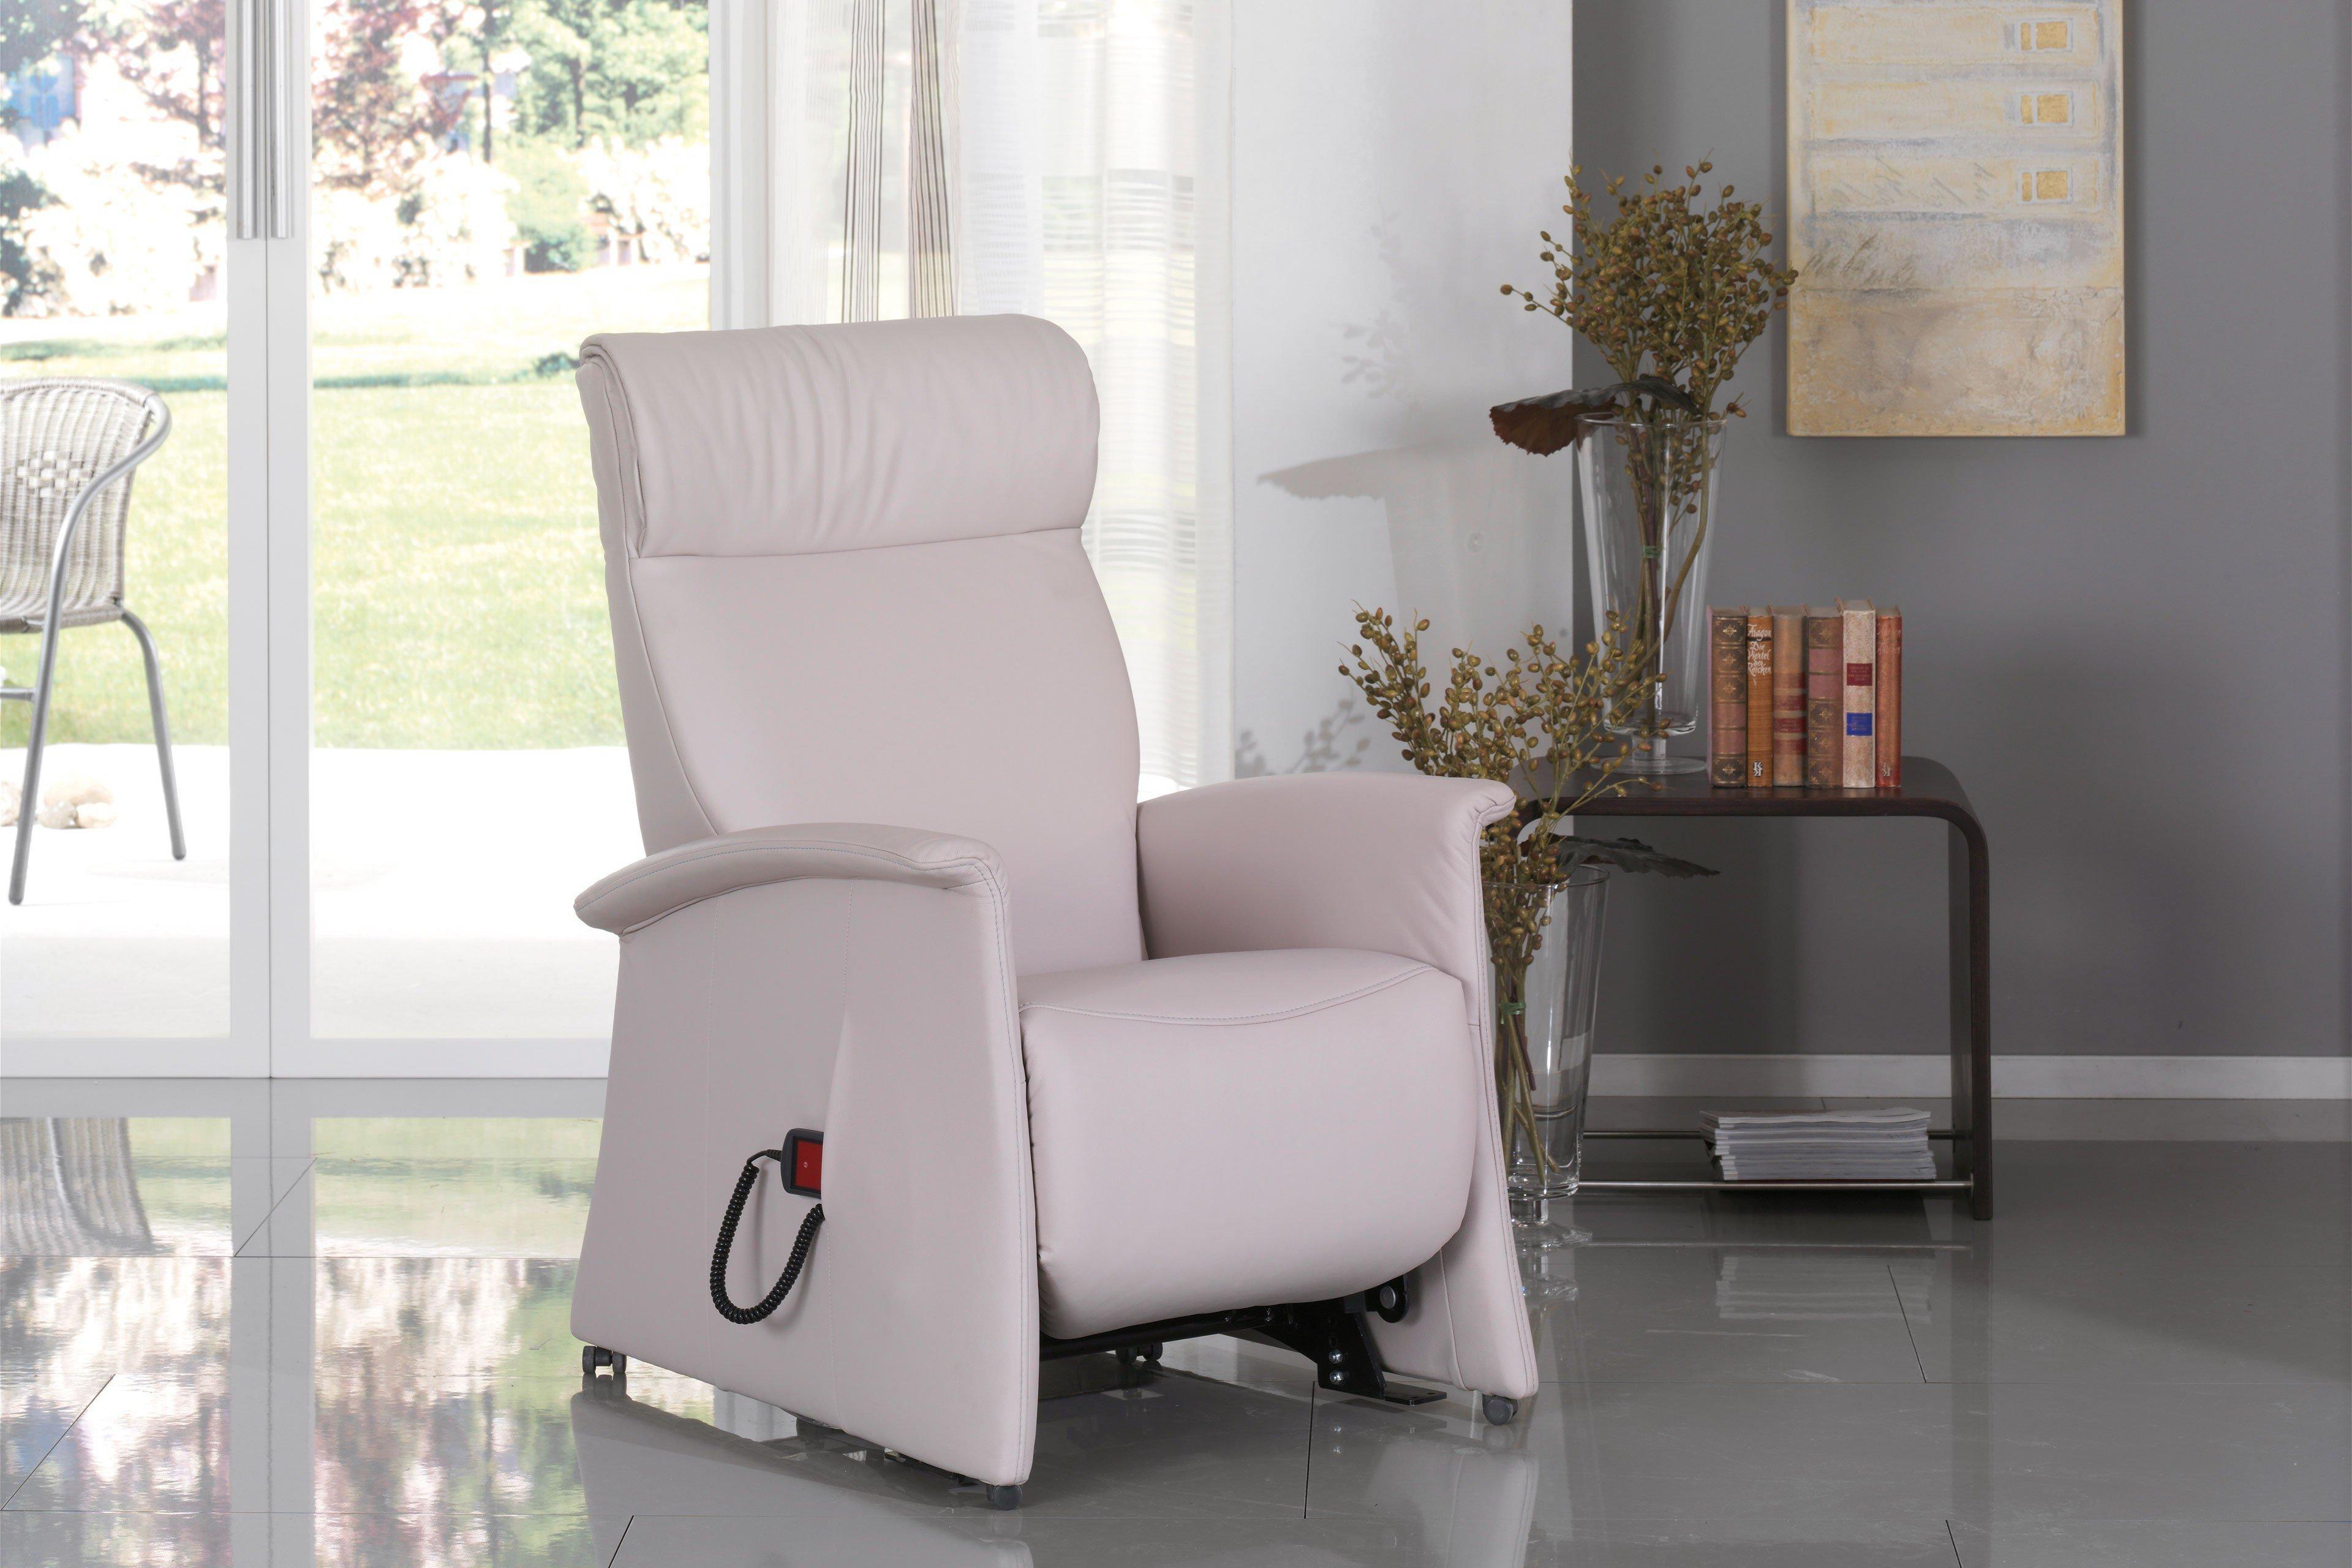 himolla 7238 funktionssessel wei m bel letz ihr online shop. Black Bedroom Furniture Sets. Home Design Ideas